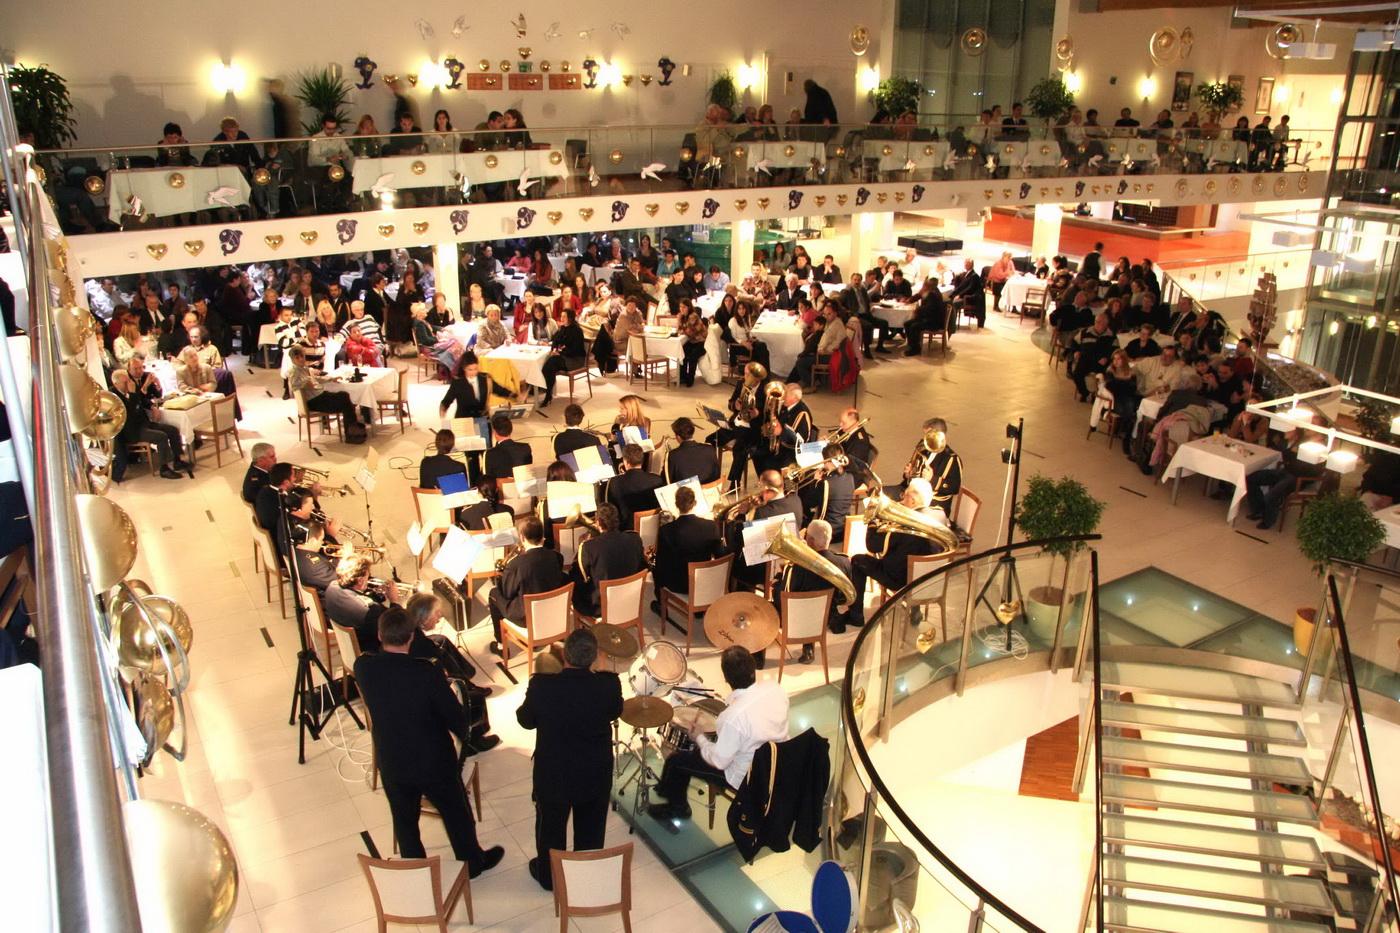 Proslava 100 god.Gradske muzike 29 12 2006